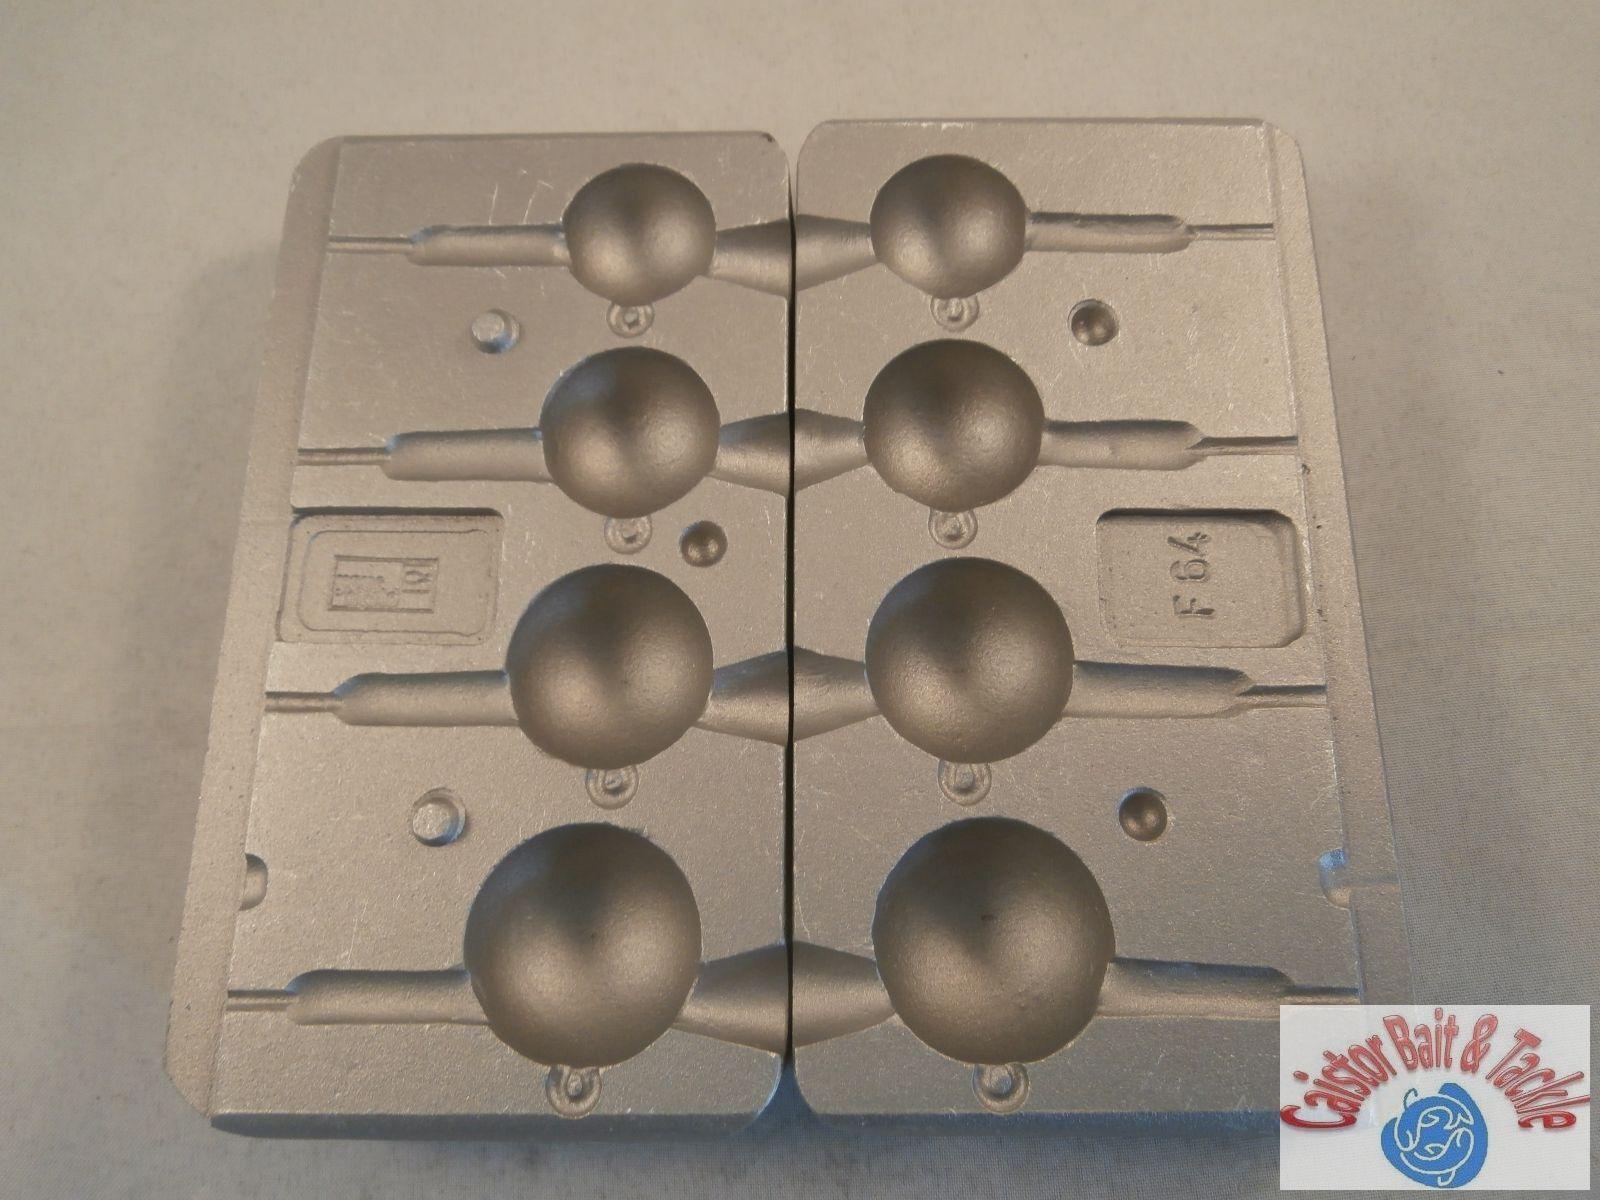 PALLA PALLA PALLA esca da pesca x 4 Lures VMC maschera di inserimento hooks5150 SIZE 5/0 e 6/0 5a815d